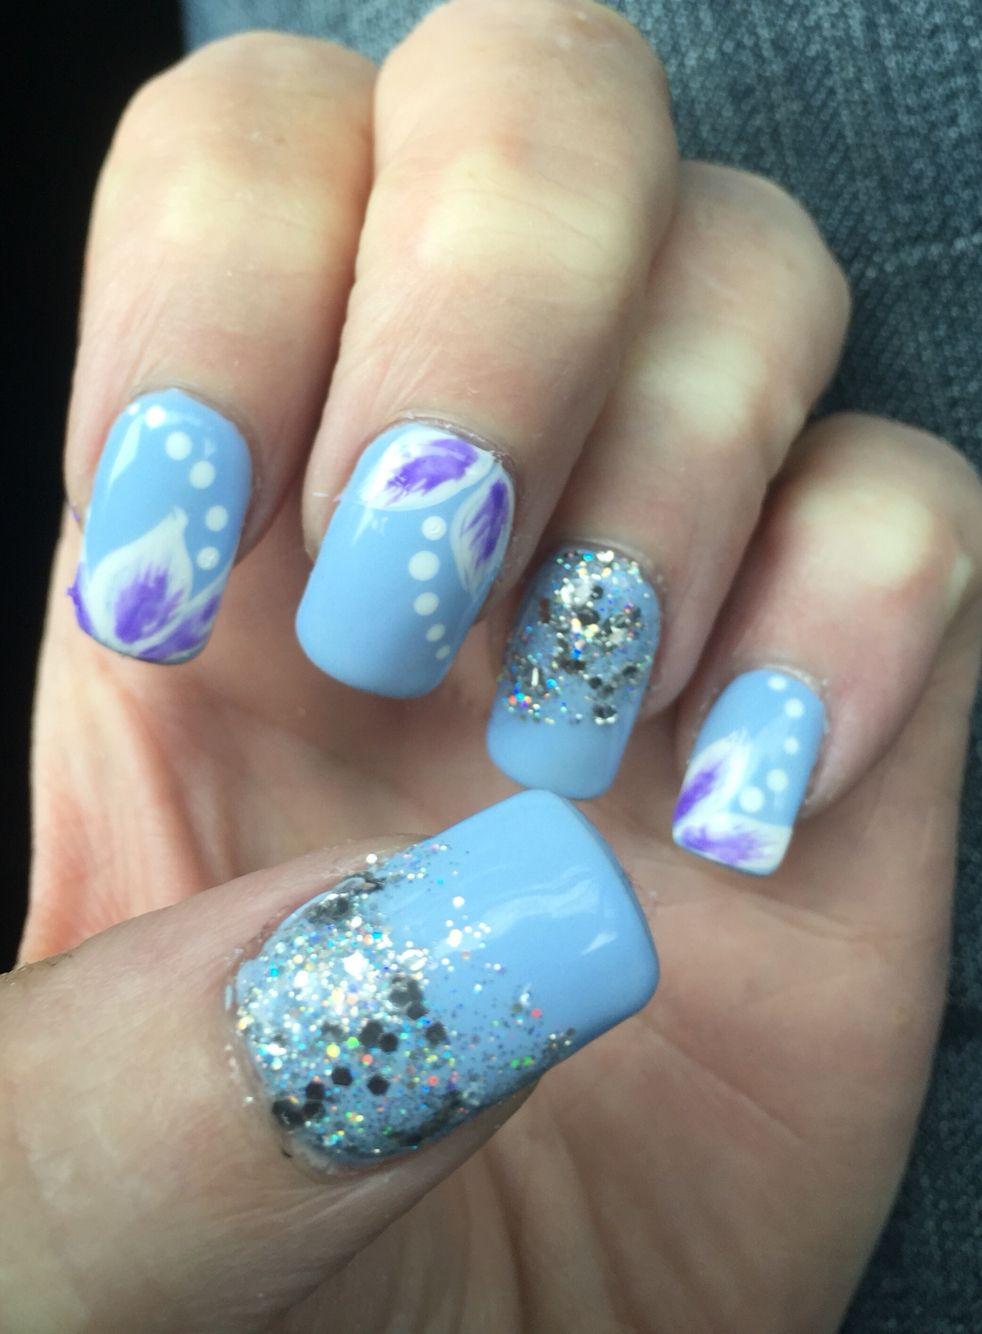 princessgard #nail #nails #nailart (With images) | Nail